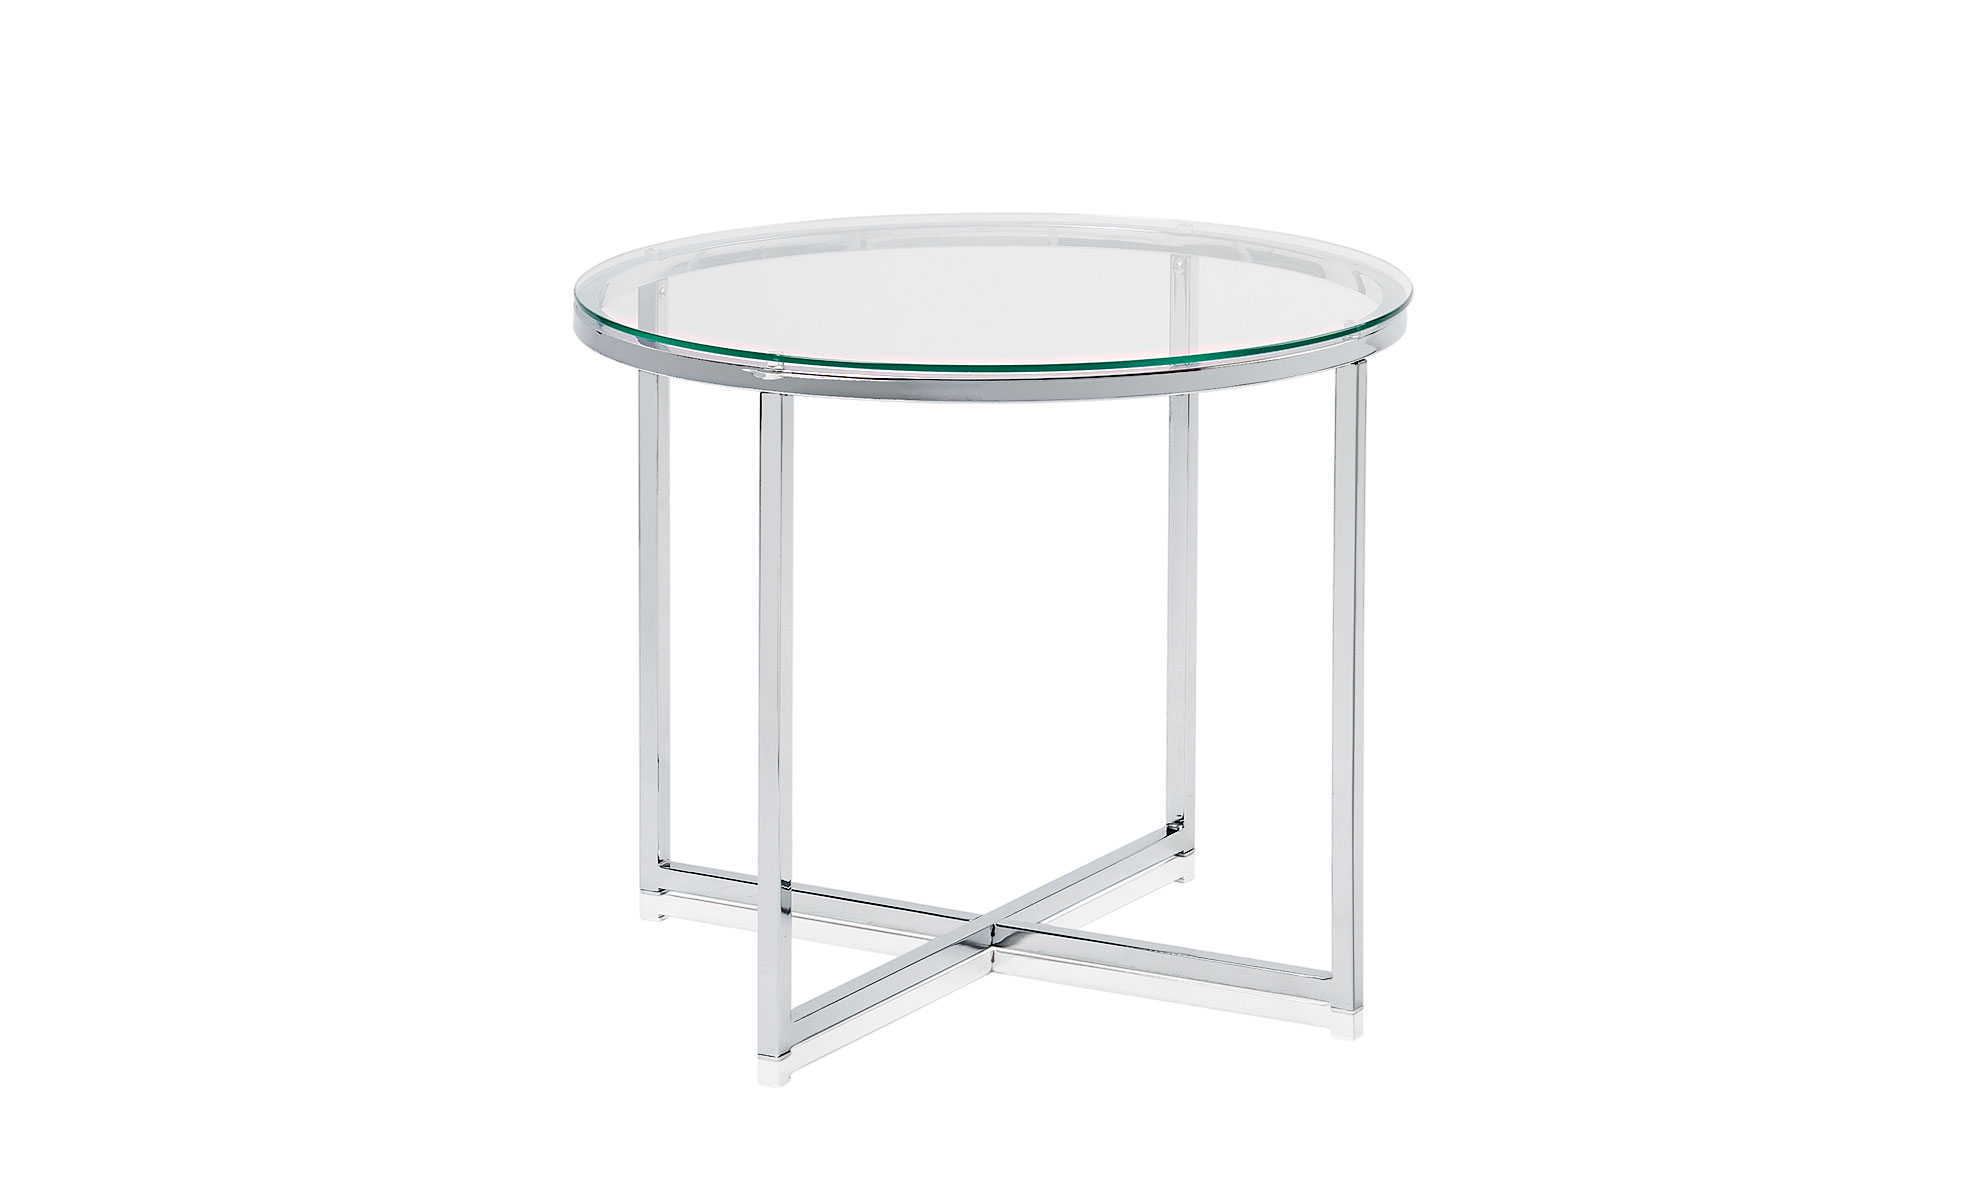 Mesa redonda vidrio templado no disponible en for Vidrio templado mesa